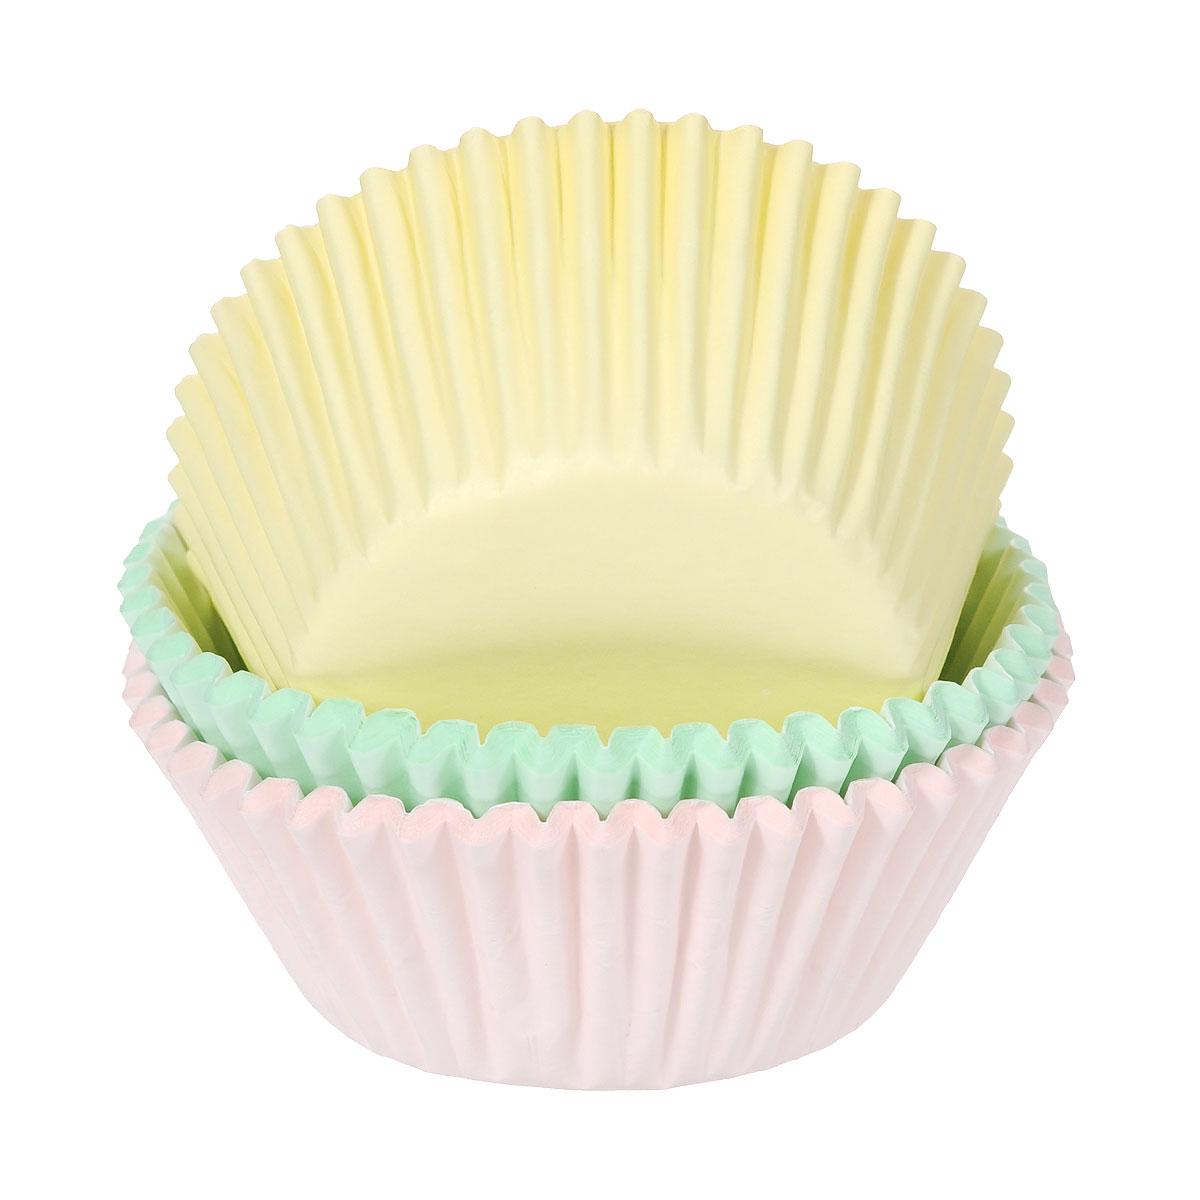 Набор бумажных форм для кексов Wilton Пастель, диаметр 7 см, 75 штWLT-415-394Бумажные формы Wilton Пастель используются для выпечки, украшения и упаковки кондитерских изделий, сервировки конфет, орешков, десертов. Края форм гофрированные. С такими формами вы всегда сможете порадовать своих близких оригинальной выпечкой.